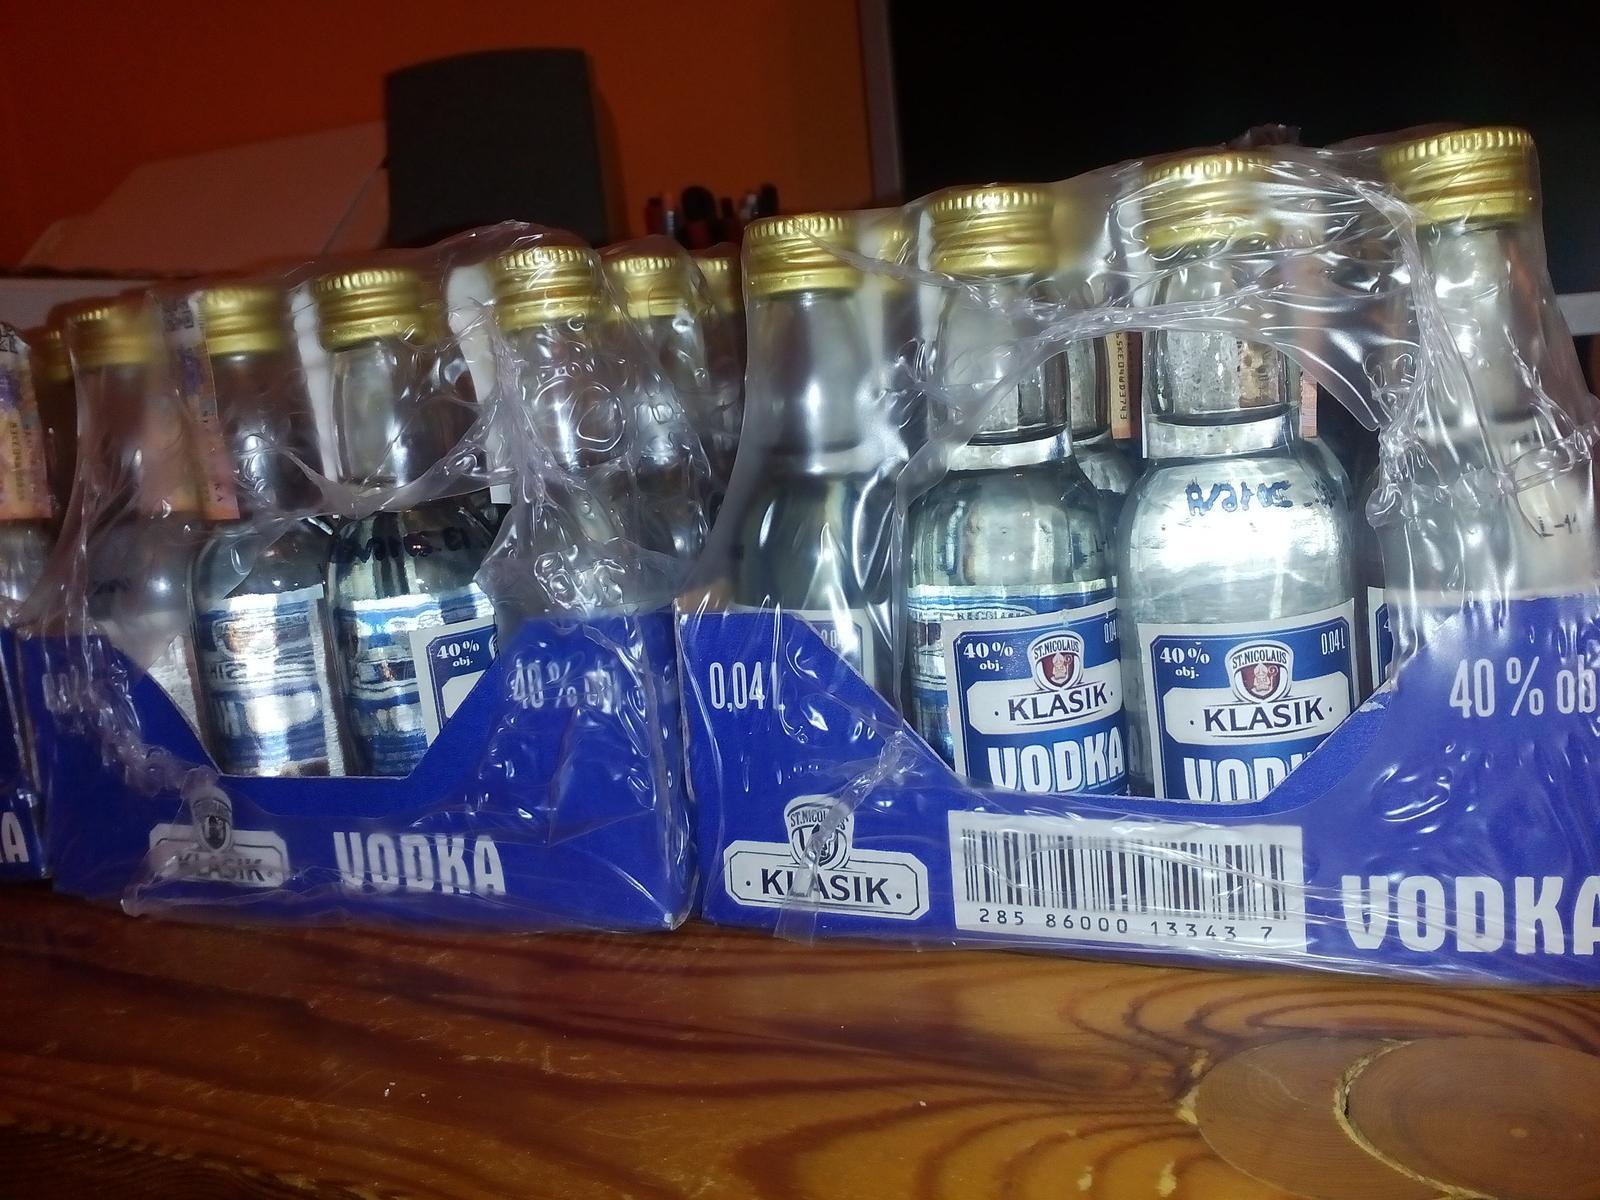 Zienky vcera som nakupovala darceky pre nasich chlapov na redovy :) V METRE maju akciu na alko :) - Obrázok č. 1